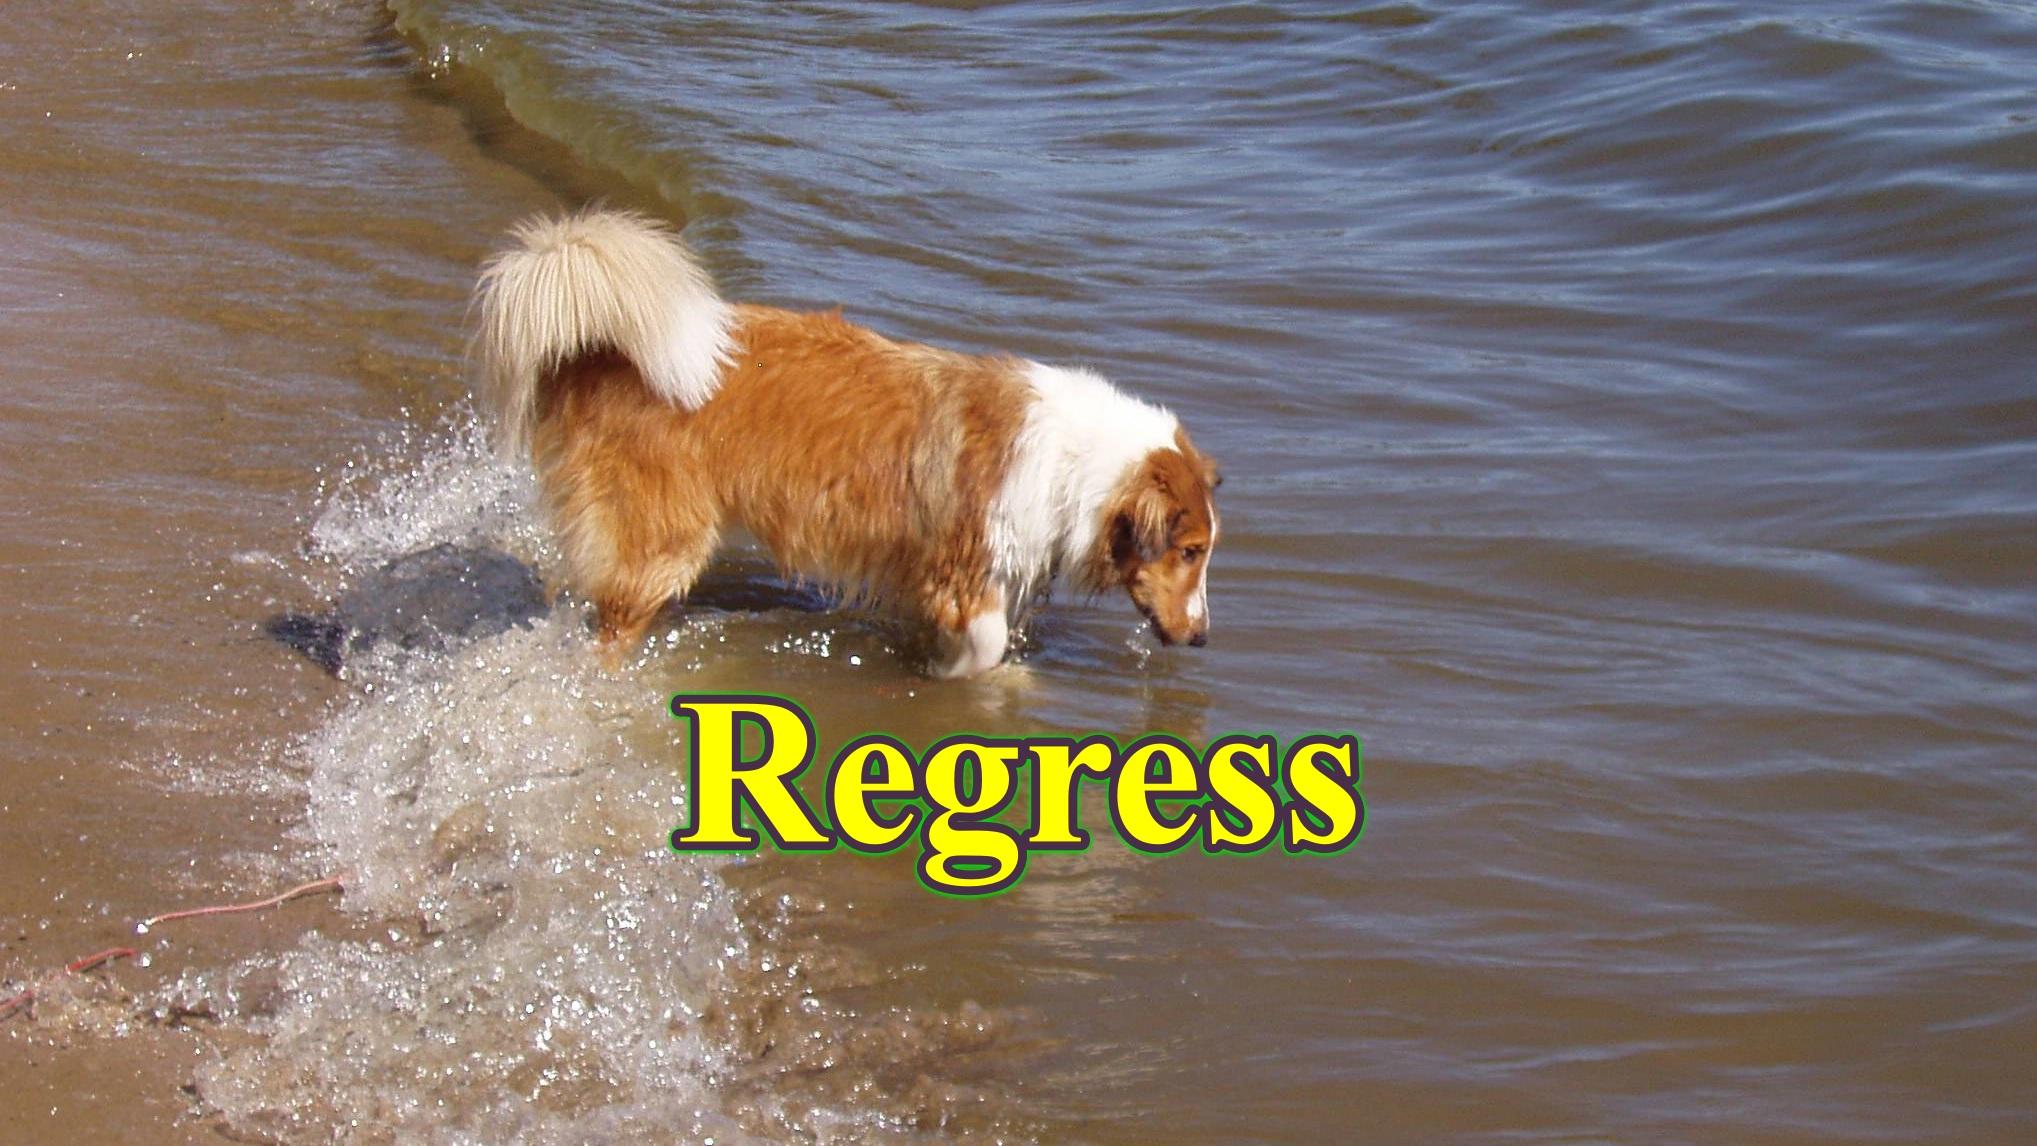 regress - Thống kê ứng dụng trong nghiên cứu thú y